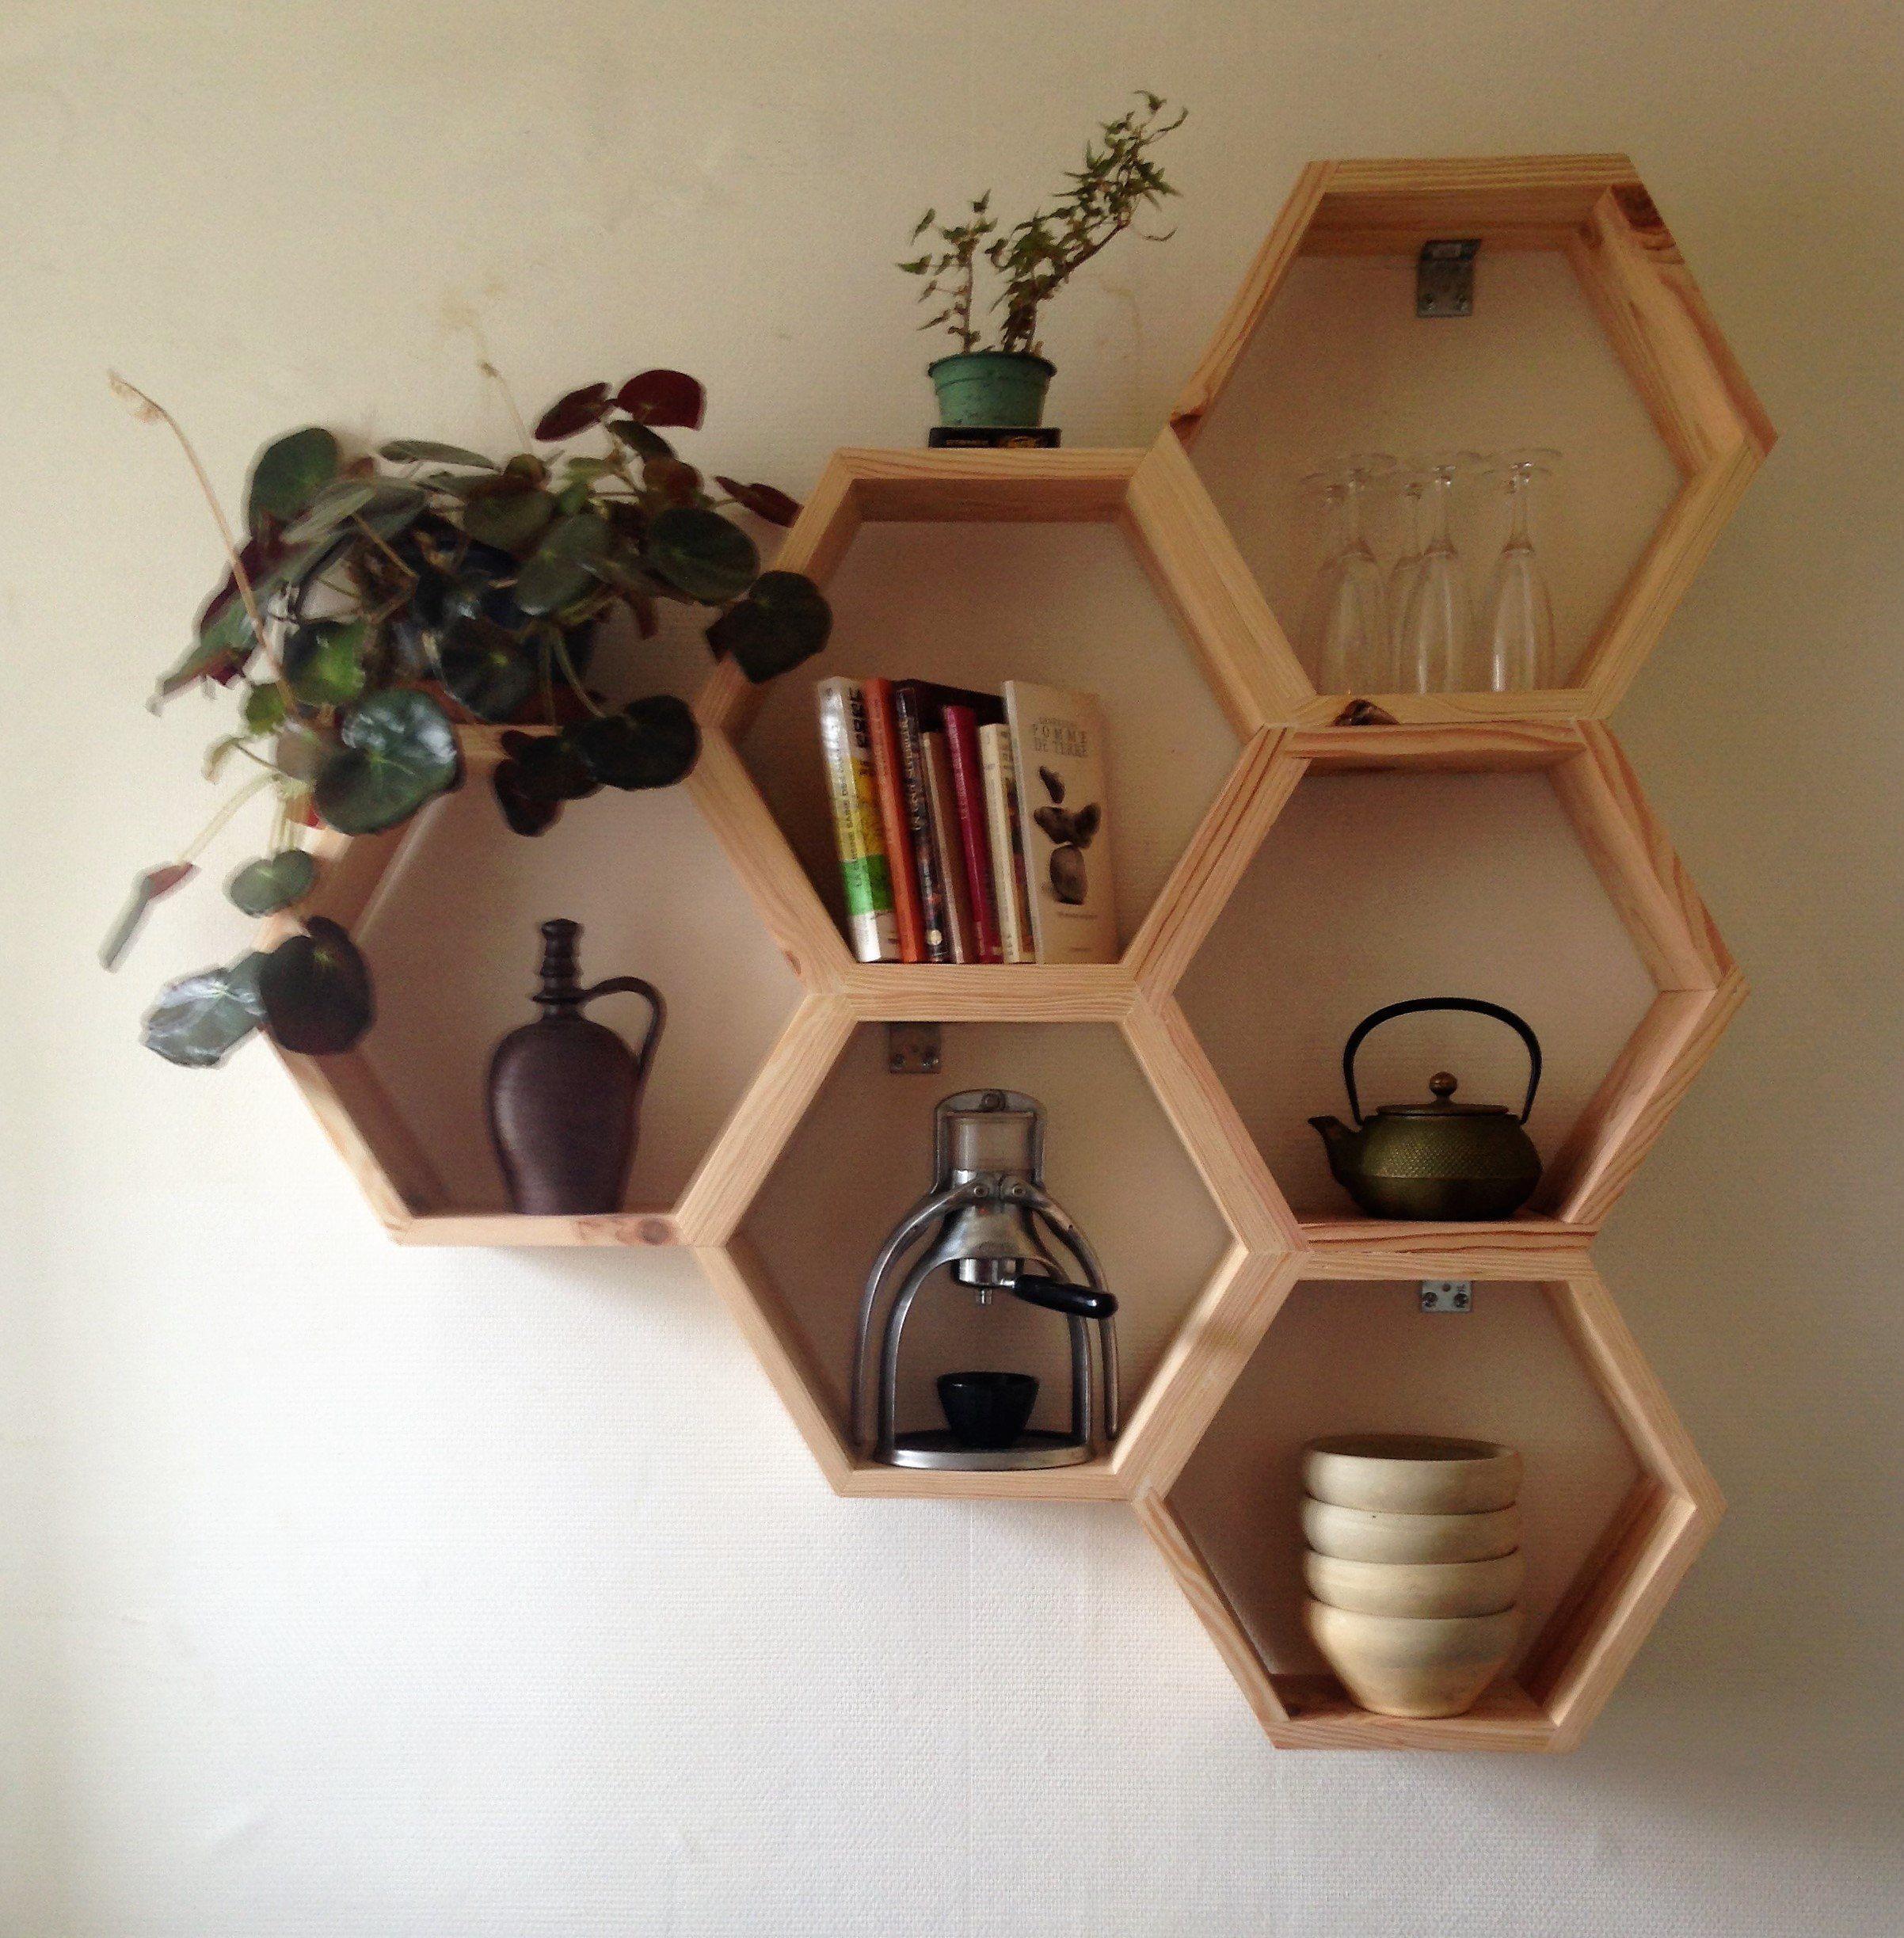 Etagere Murale Hexagonale En Bois Design Nid D Abeille Triangle